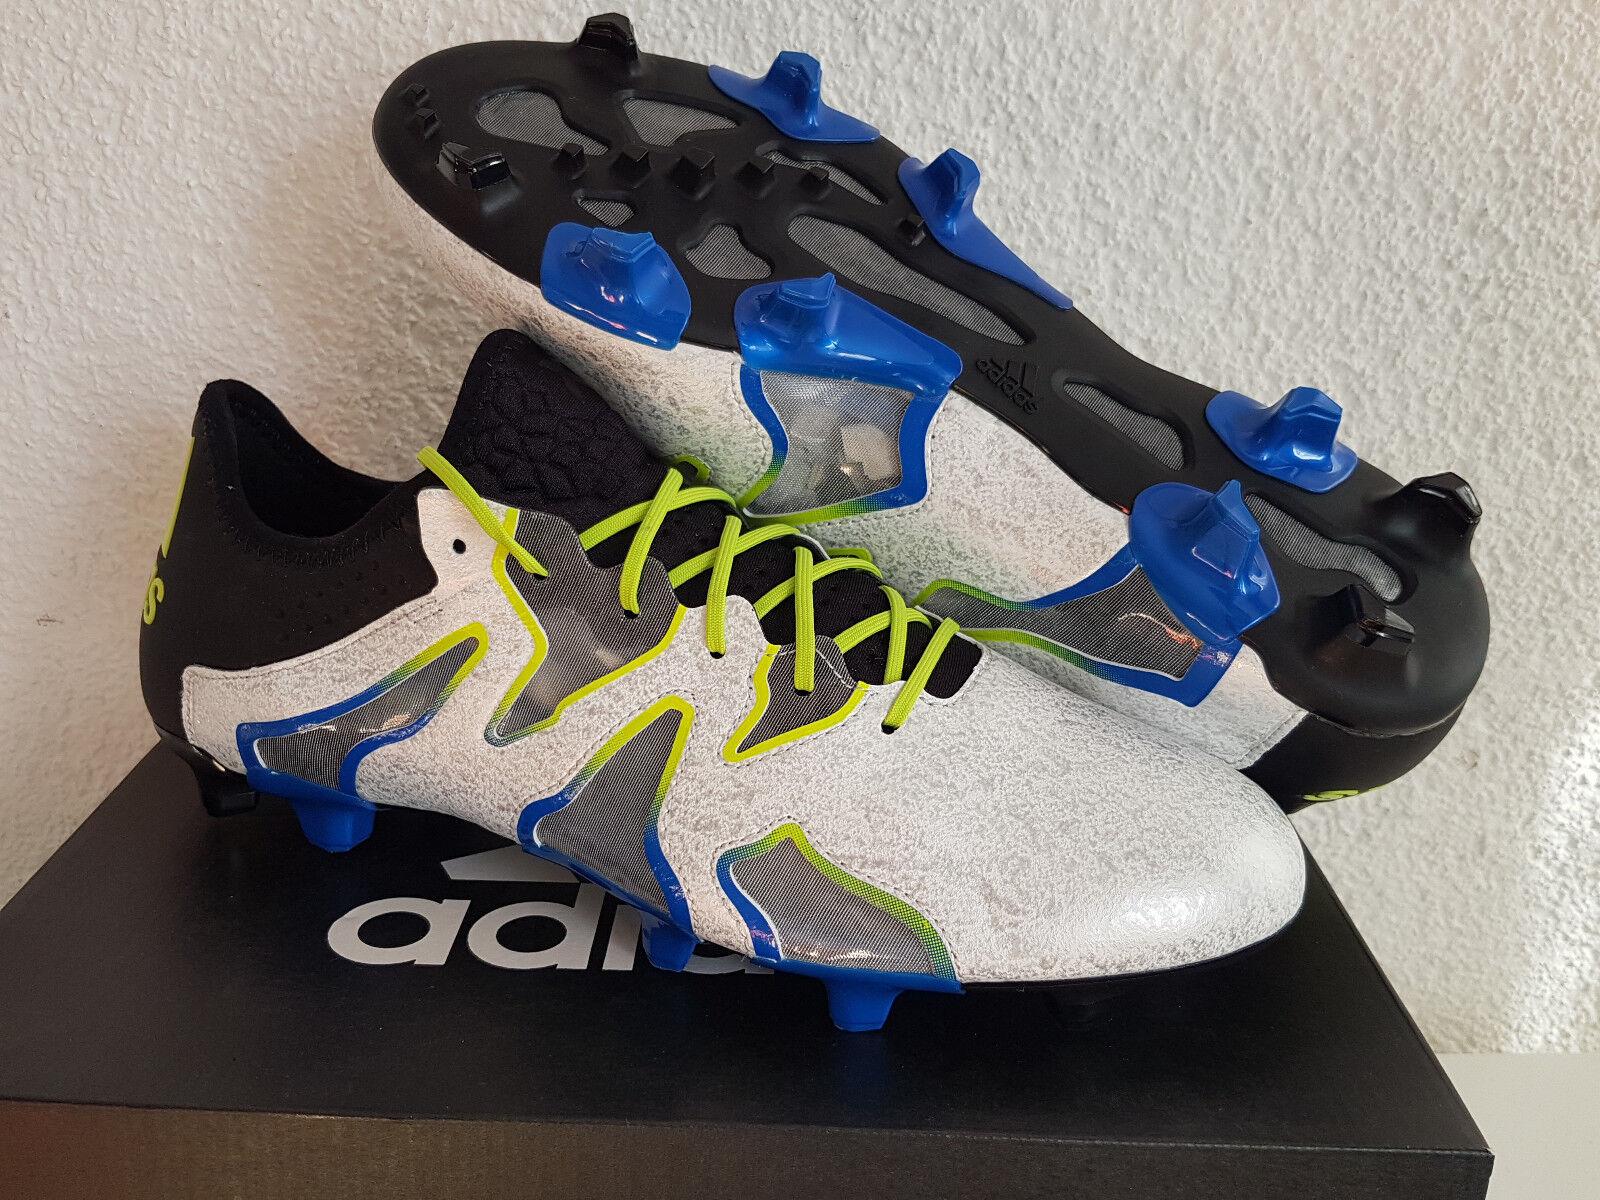 NUOVO Adidas x15 SL FG US 10 UE 44 scarpe calcio rarità Copa f50 ACE